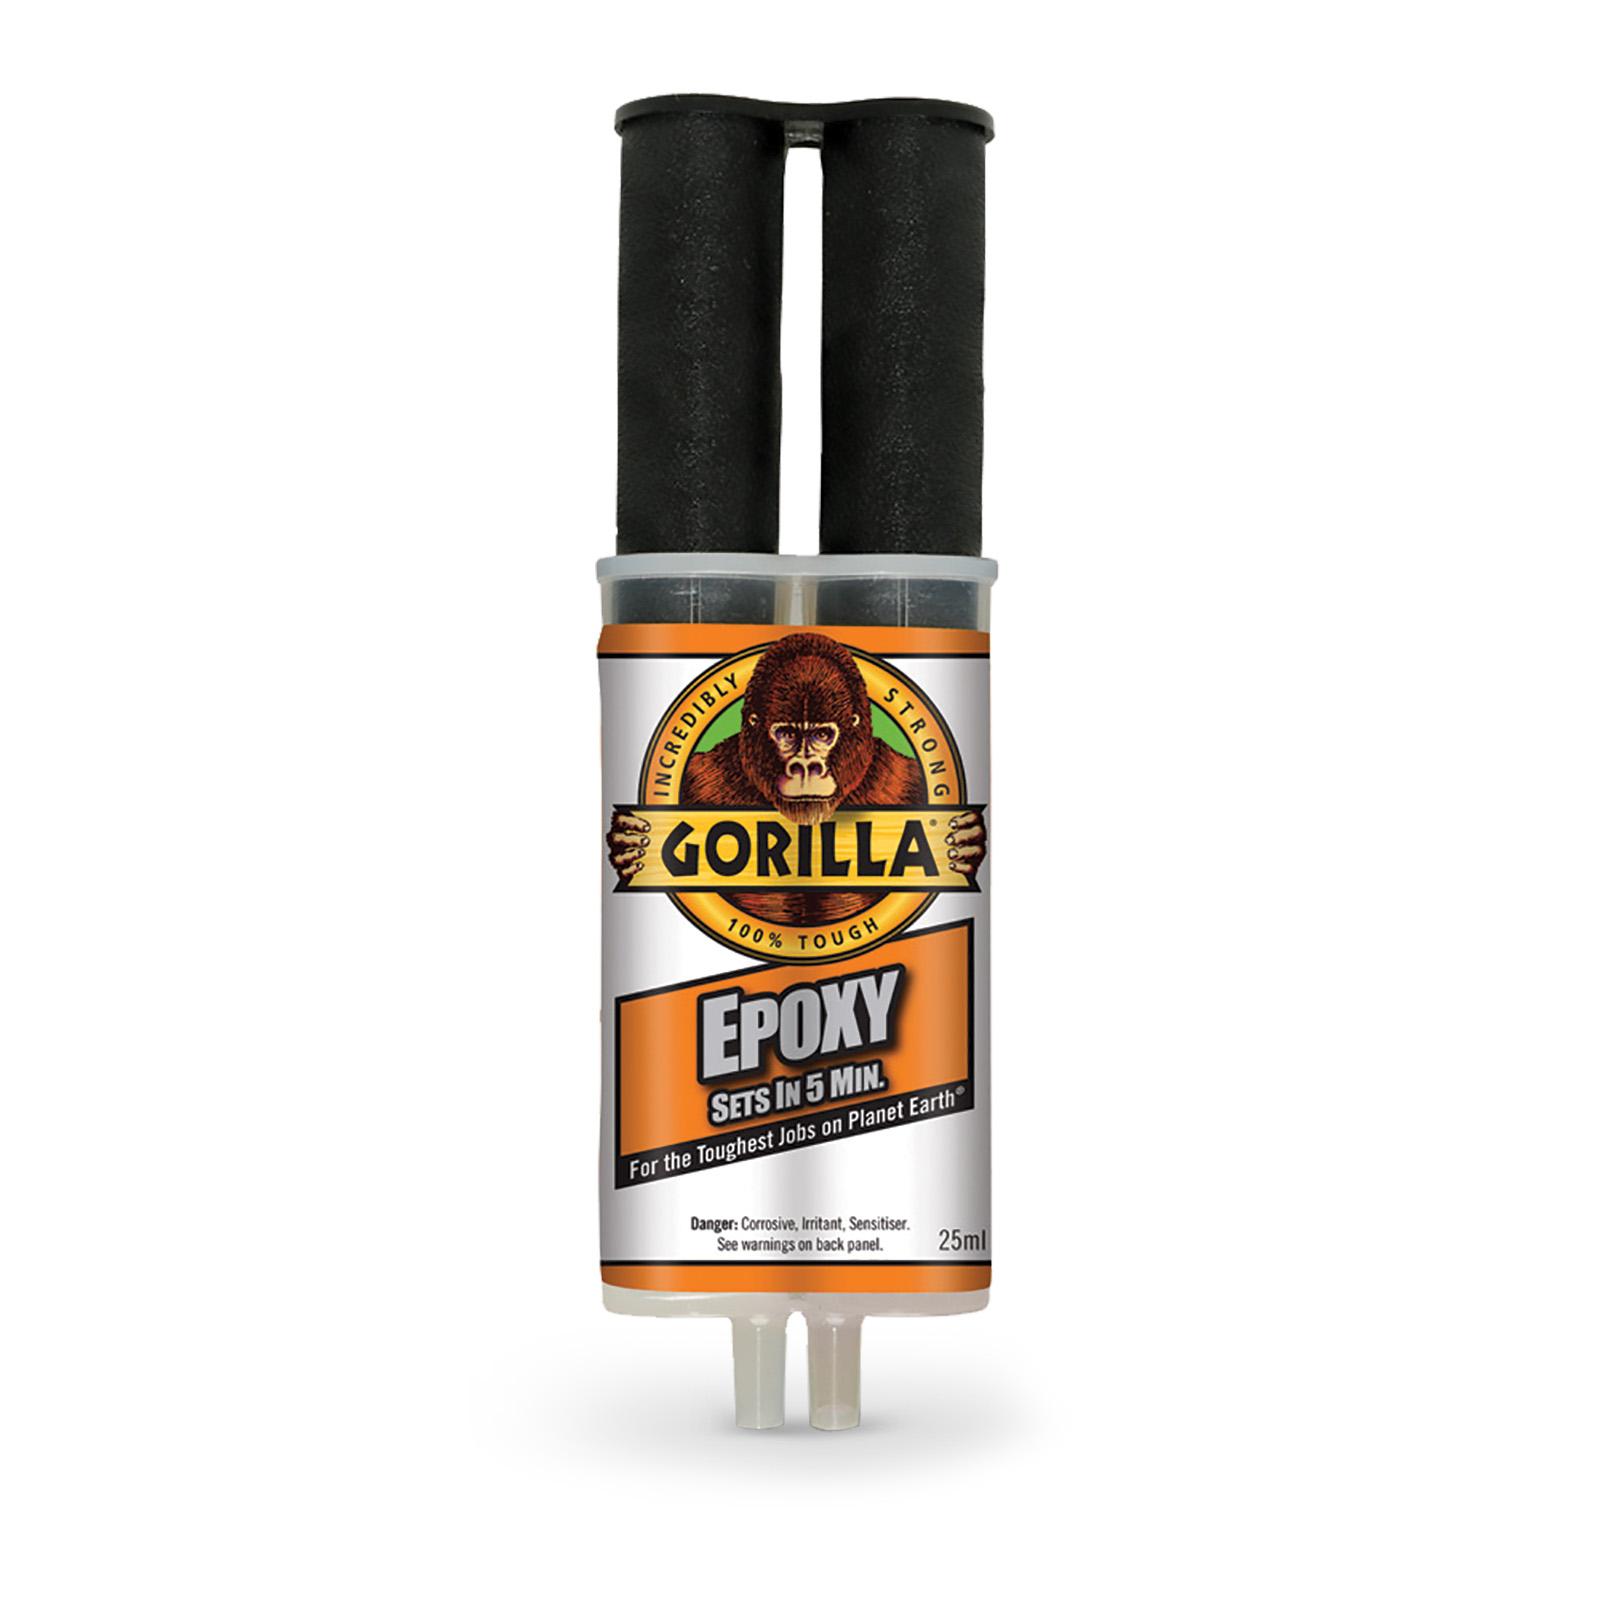 GORILLA EPOXY 25GM